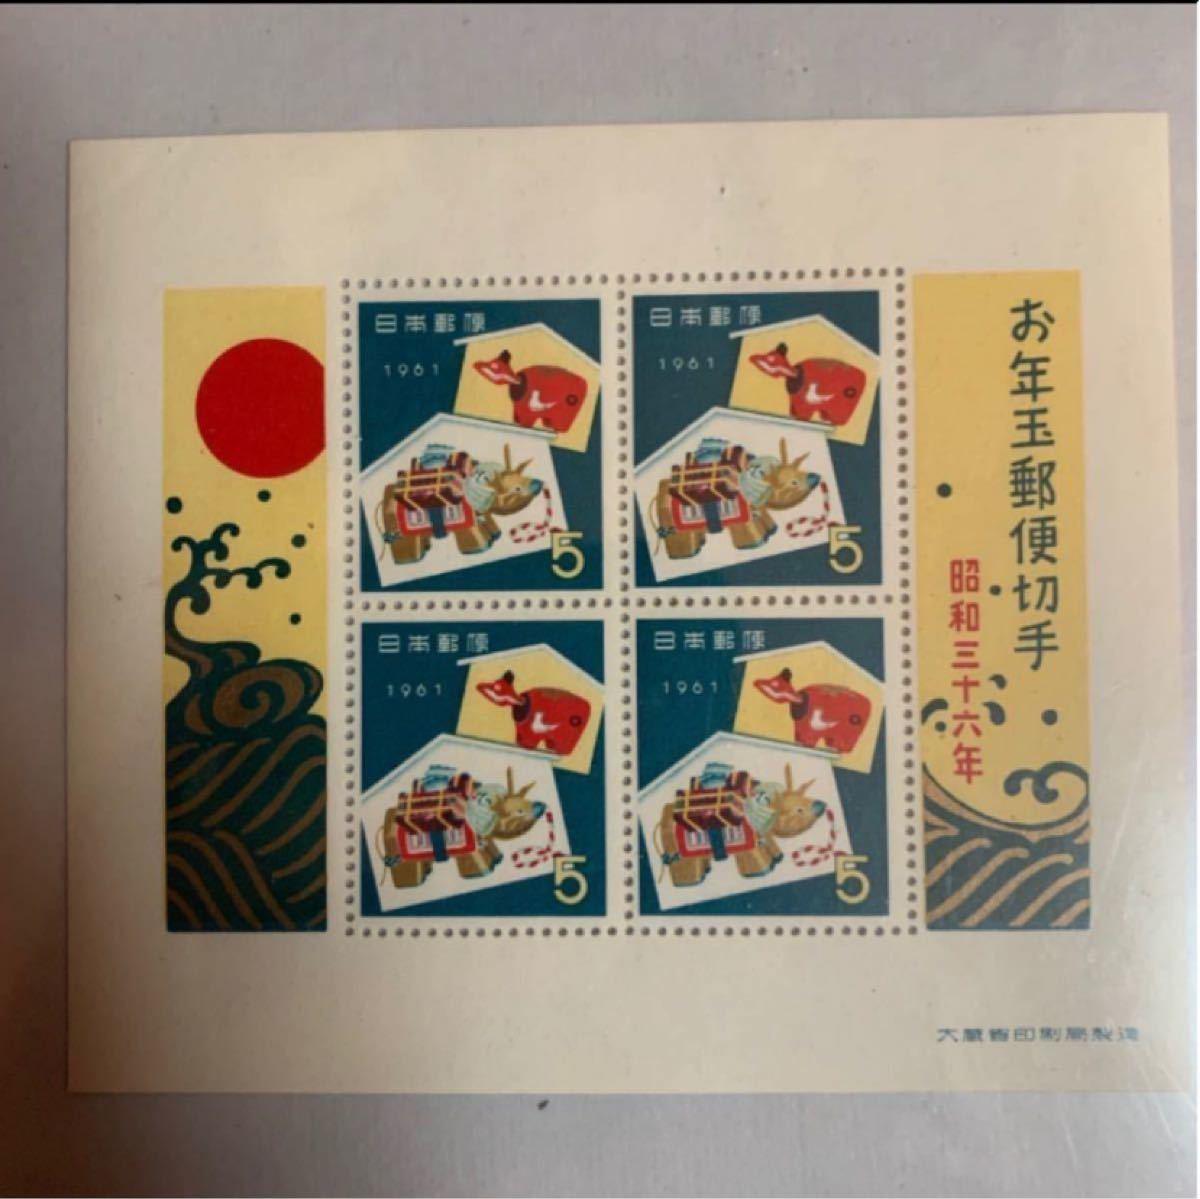 年賀切手 切手 日本切手  1961年 お年玉切手  小型シート 赤べこ